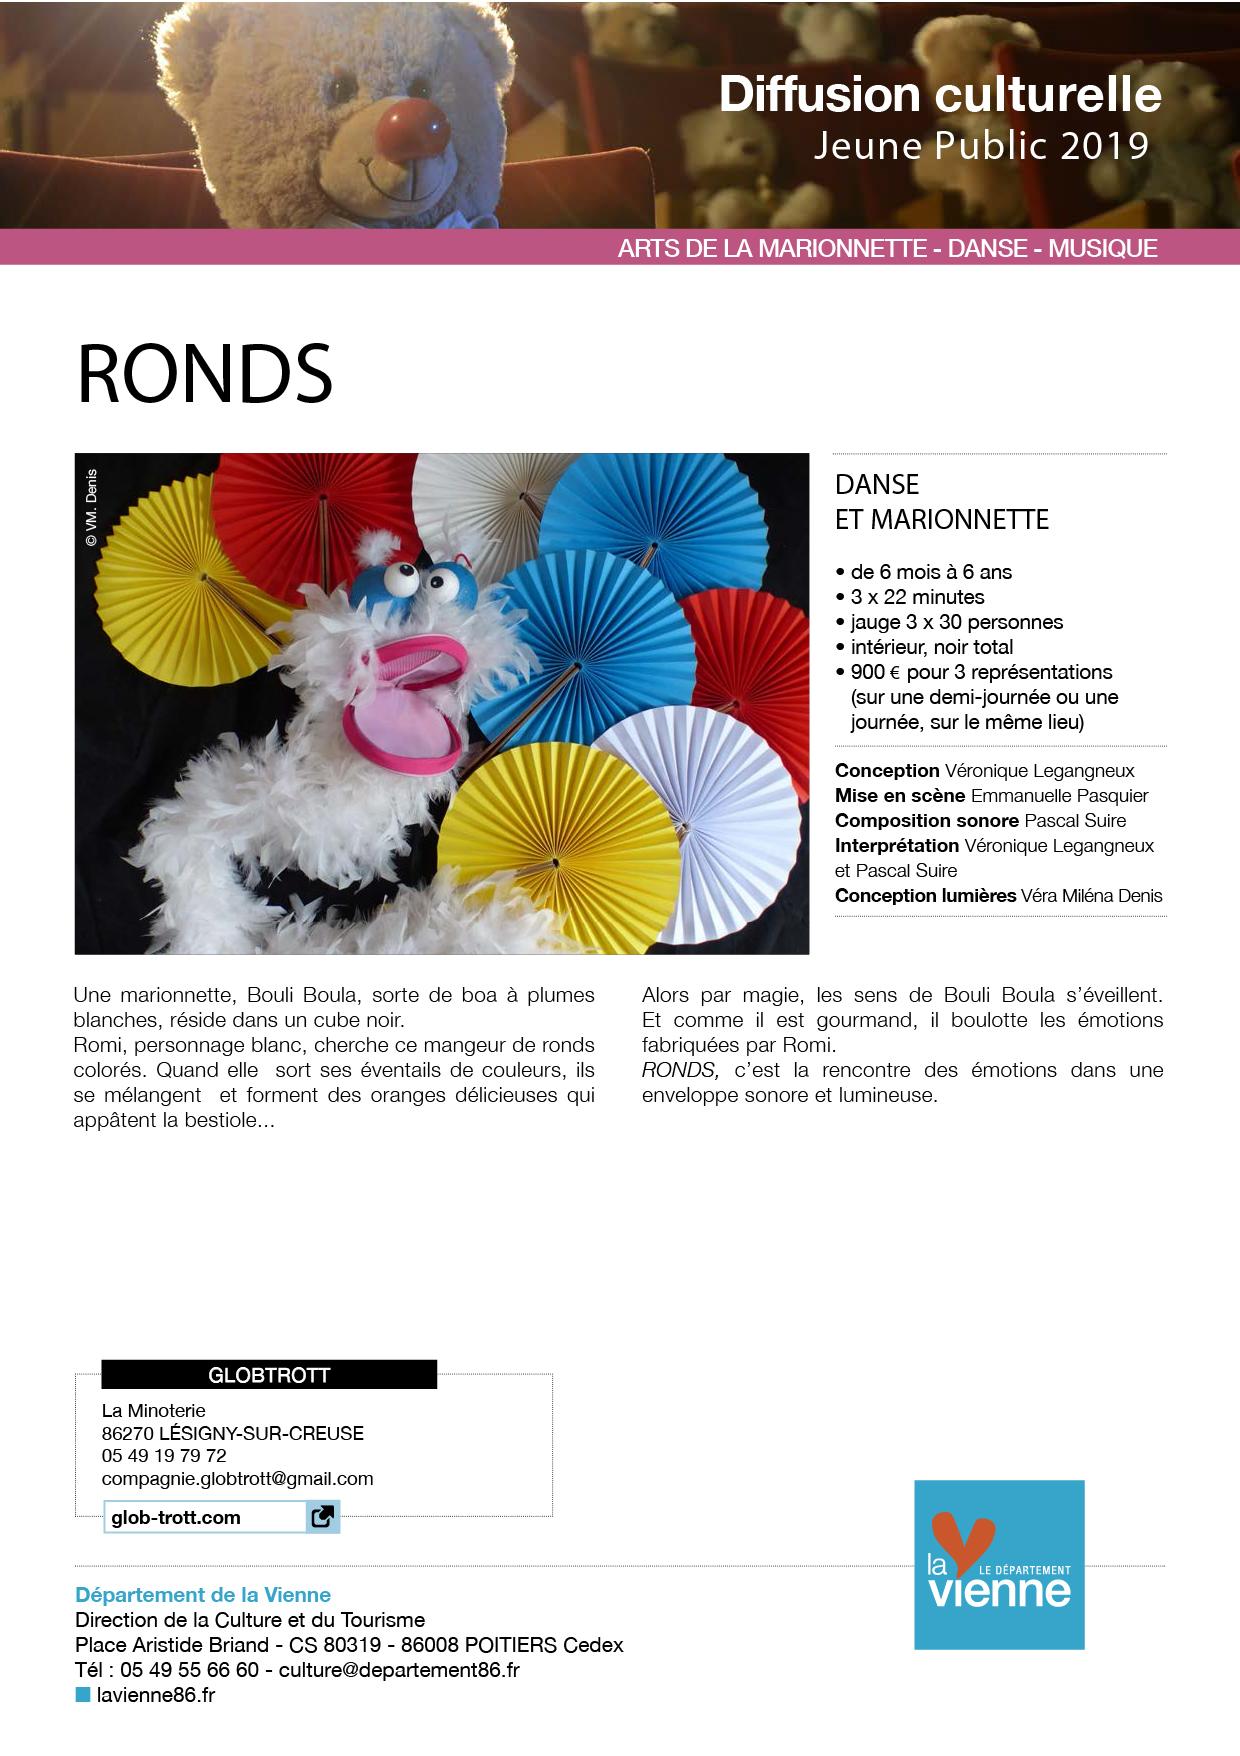 Ronds-GLOBTROTT-